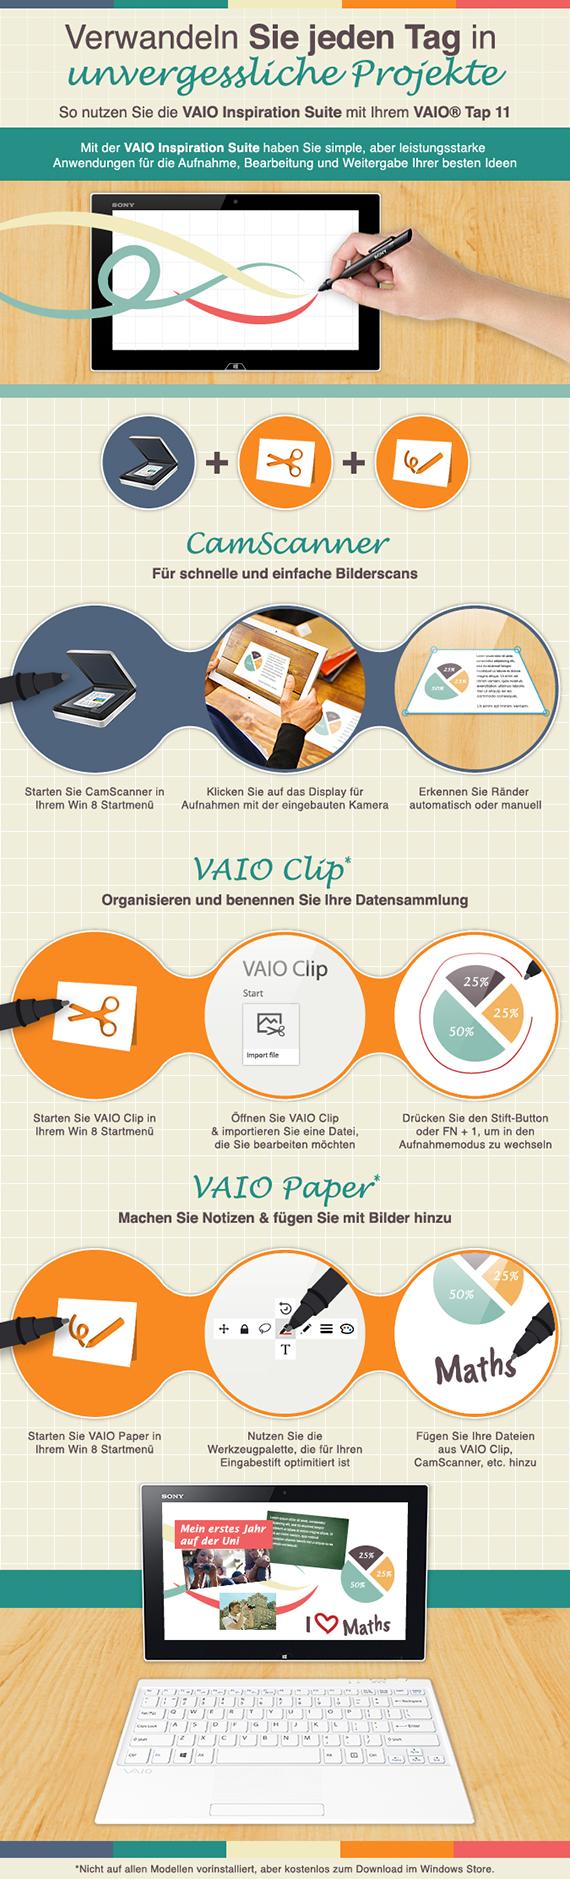 So nutzen Sie die VAIO Inspiration Suite - Infographic